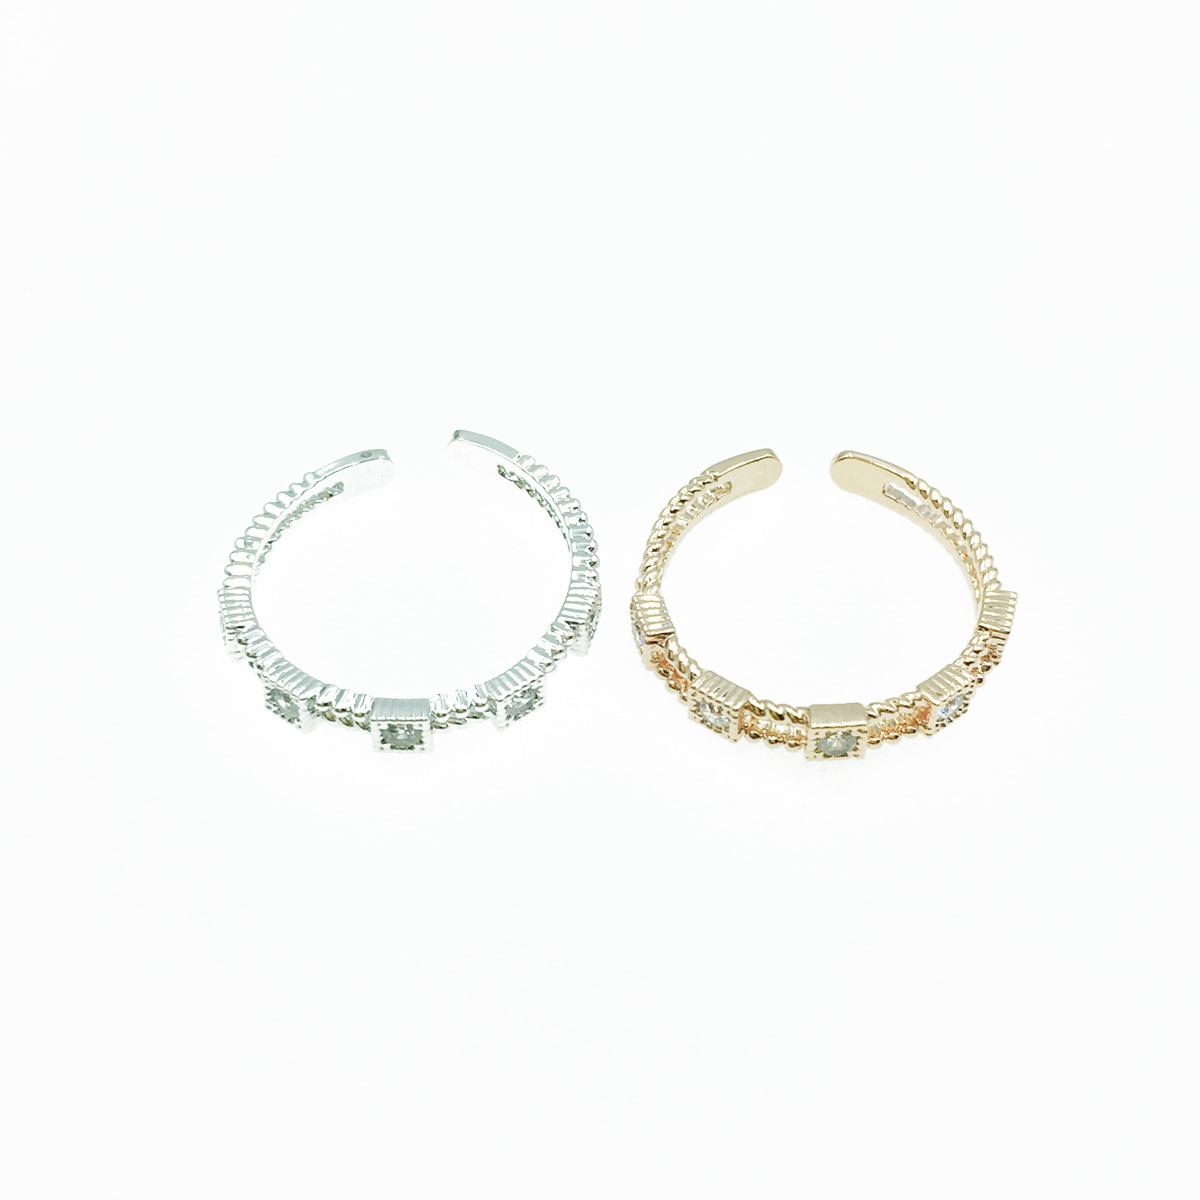 韓國 方形水鑽 簍空設計 開口可調 銀 玫瑰金 2色 質感 手飾 戒指